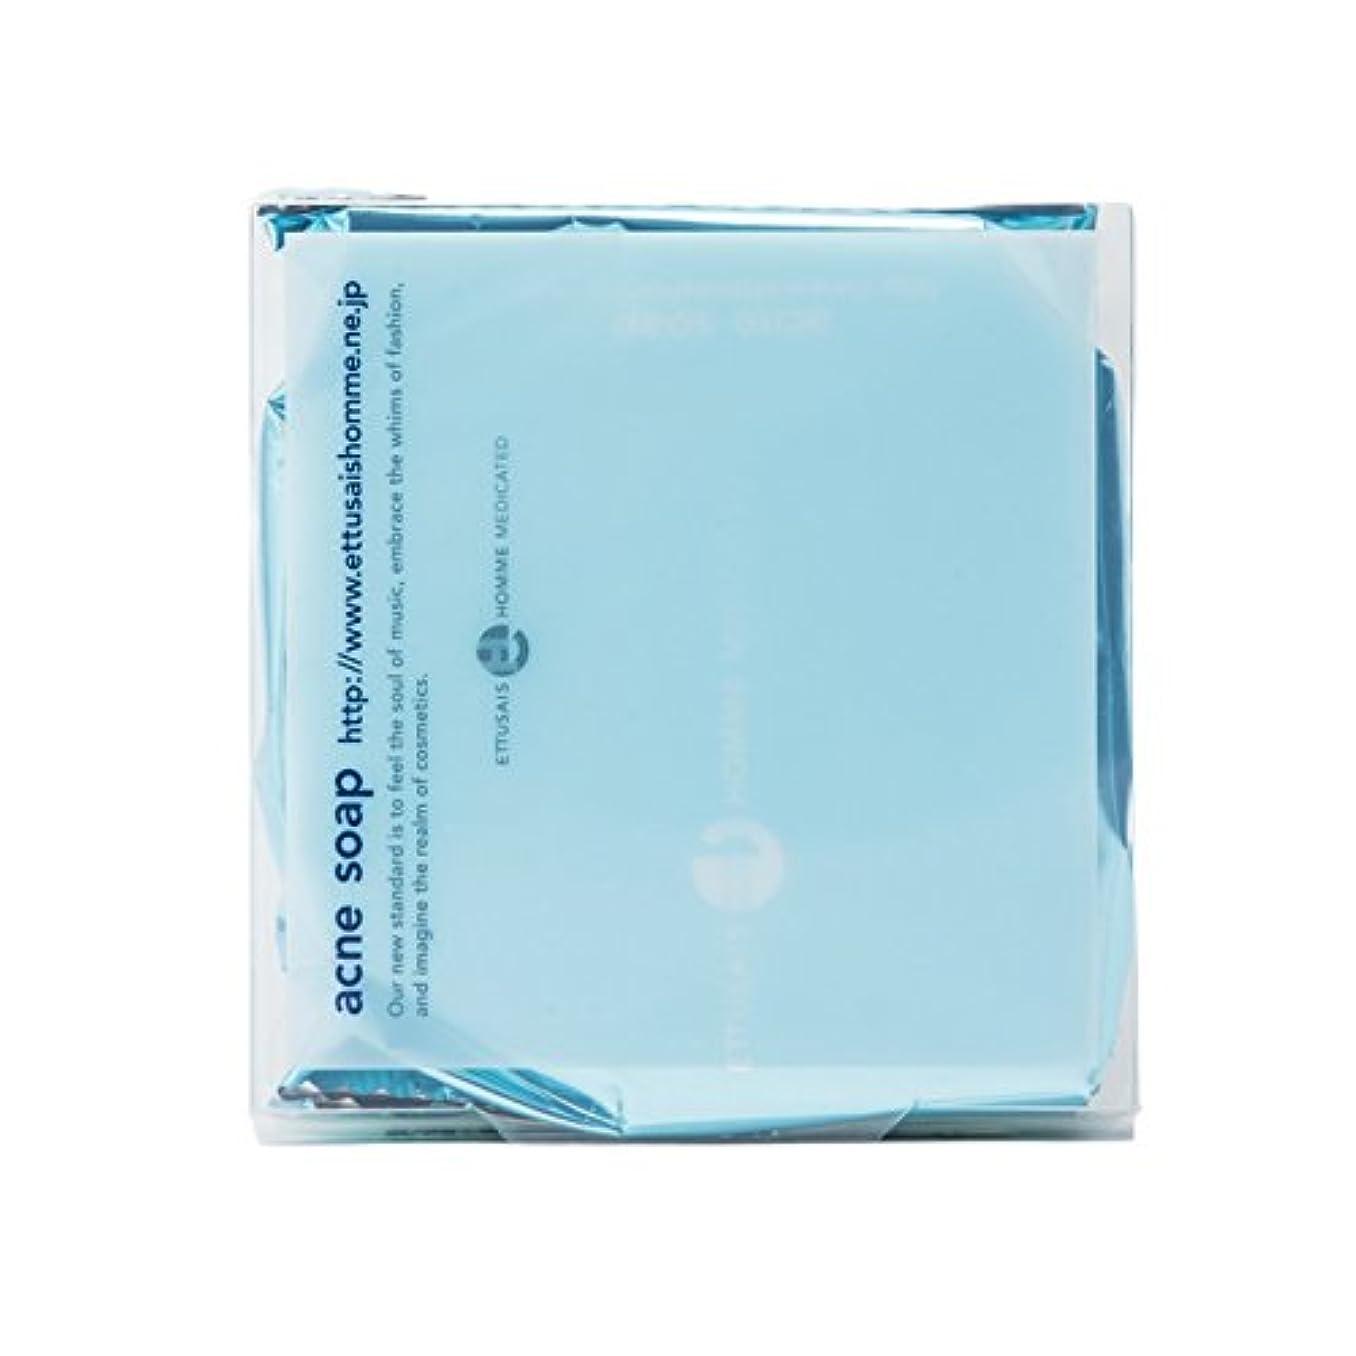 ハングリラックスしたグラマー[医薬部外品] エテュセ オム 薬用アクネ ソープ 薬用石けん 100g